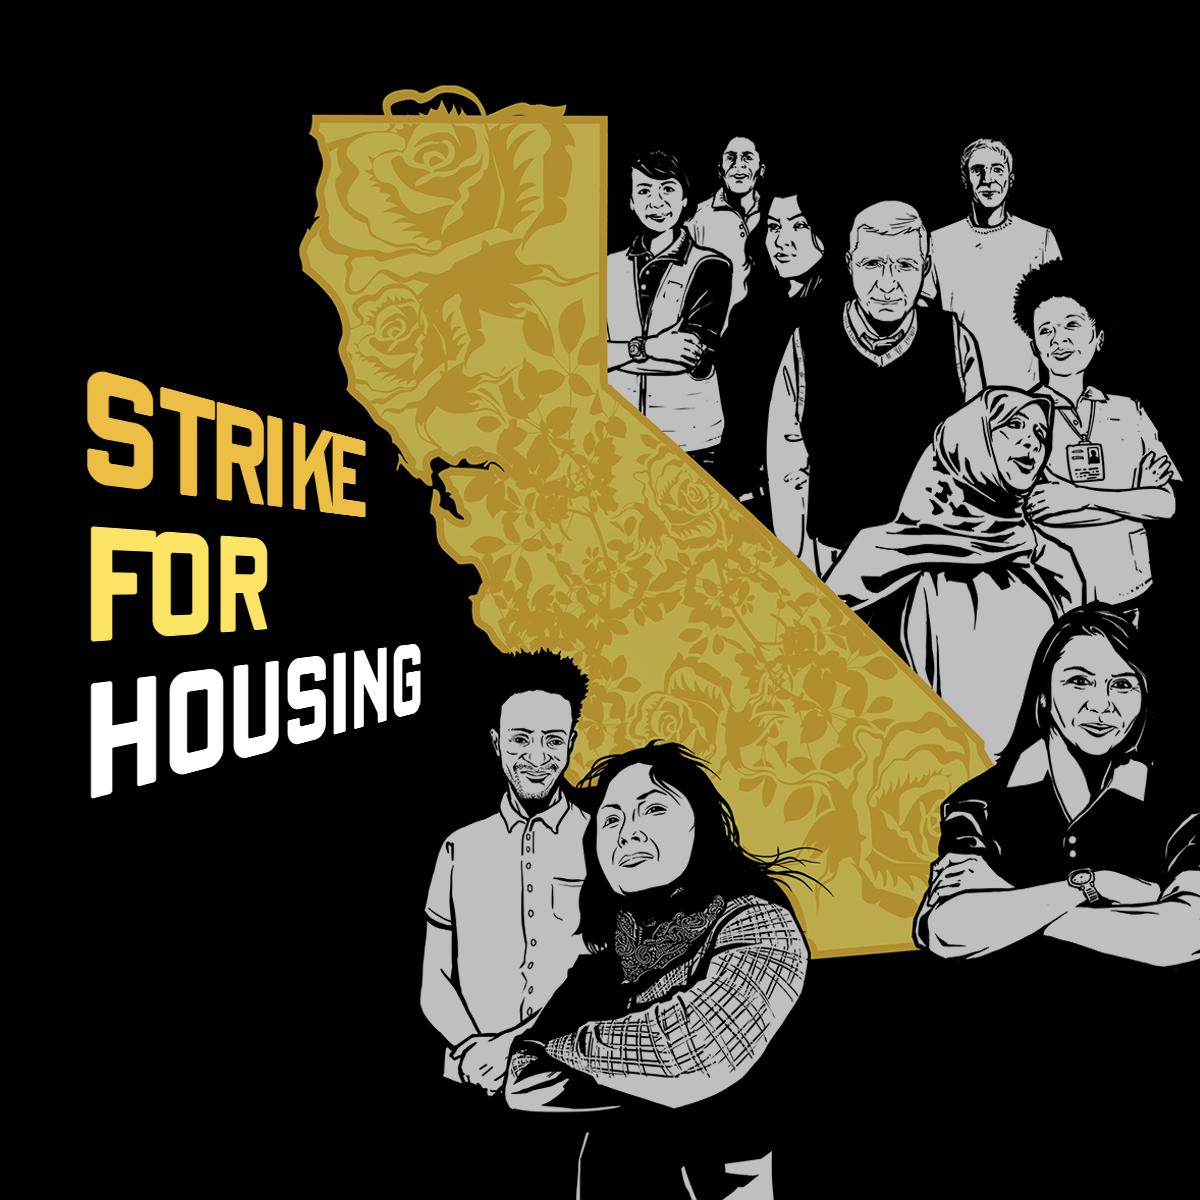 Strike_for_housing